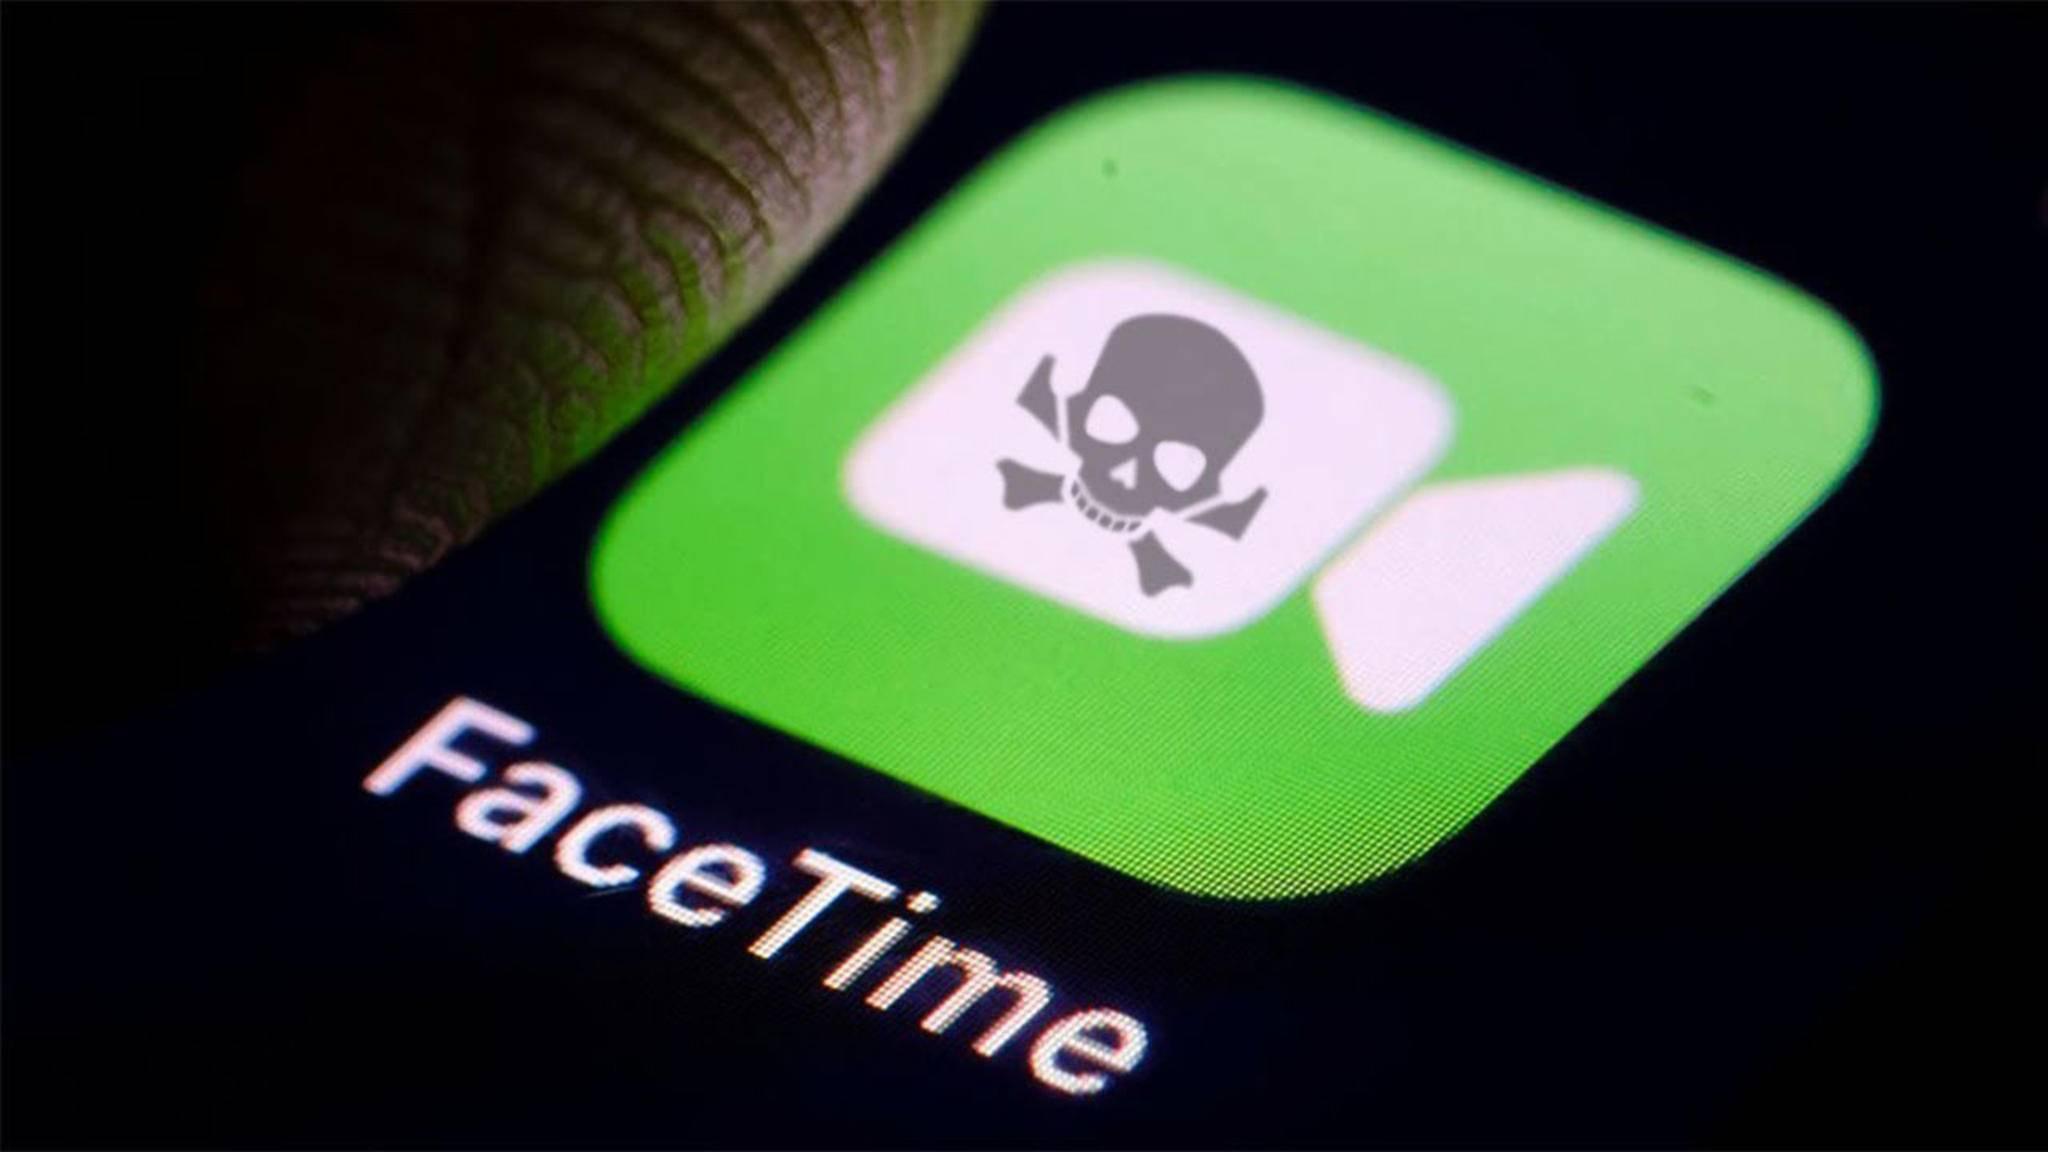 Das Bugfixing-Update für die FaceTime-Sicherheitslücke wird sich verzögern.